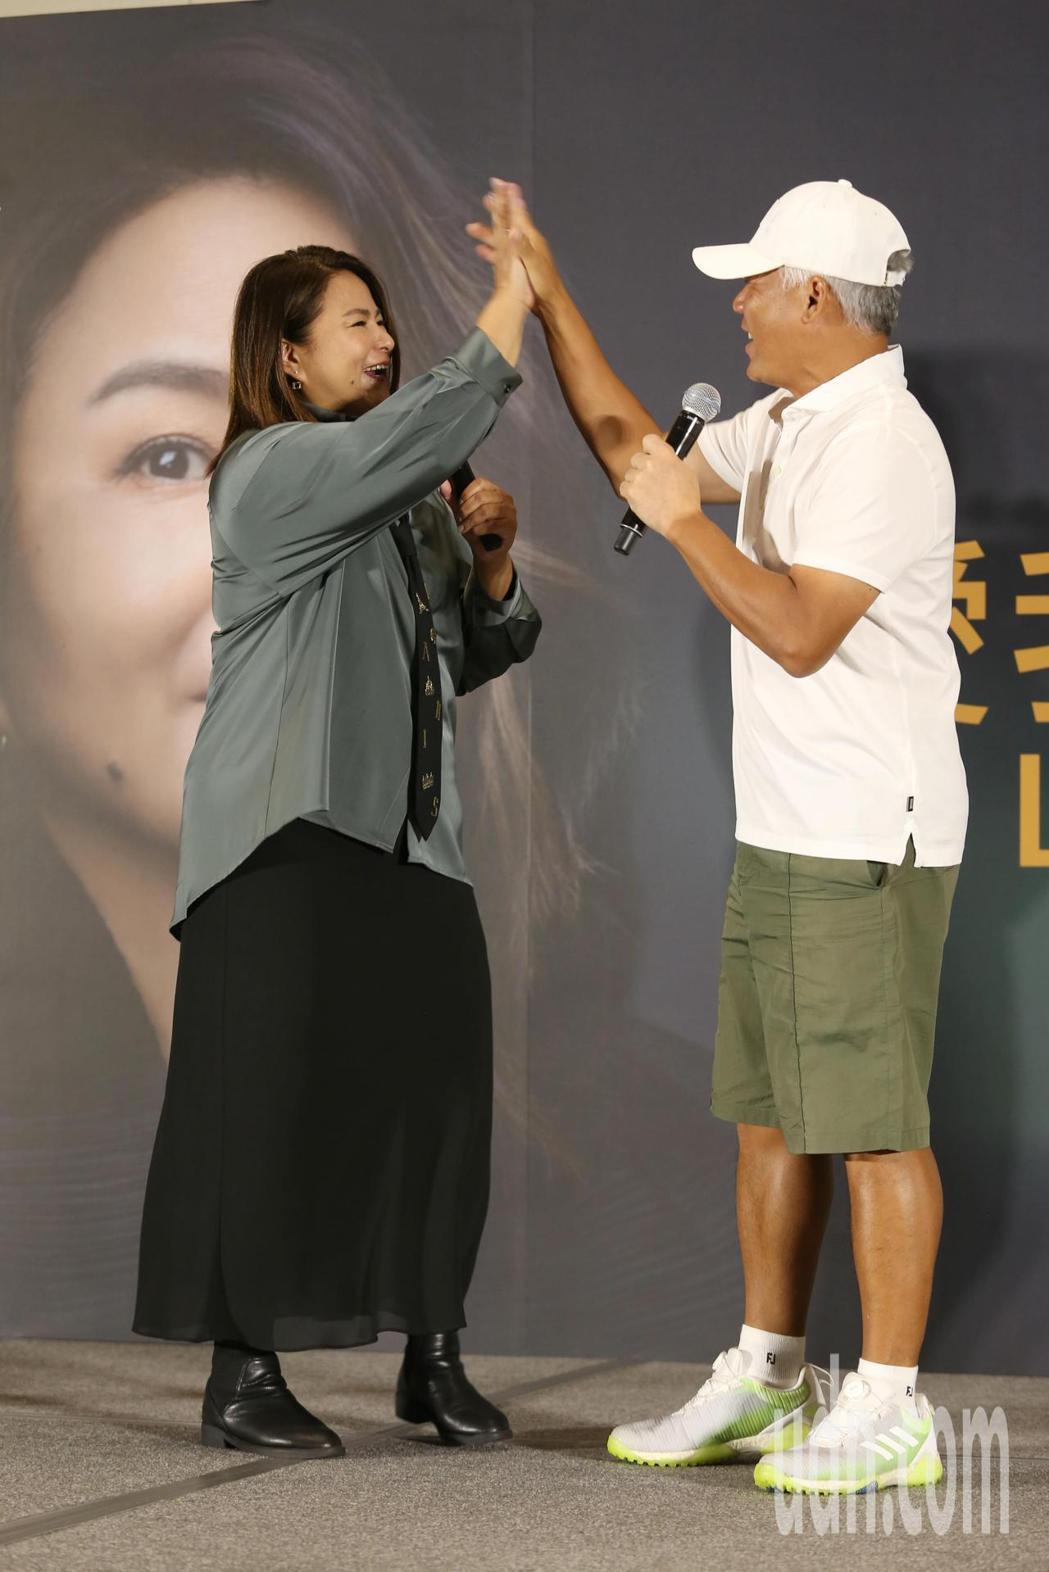 淡出歌壇許久的裘海正(左)今天舉行演唱會前記者會,好友巫啟賢(右)也特別出席表達...